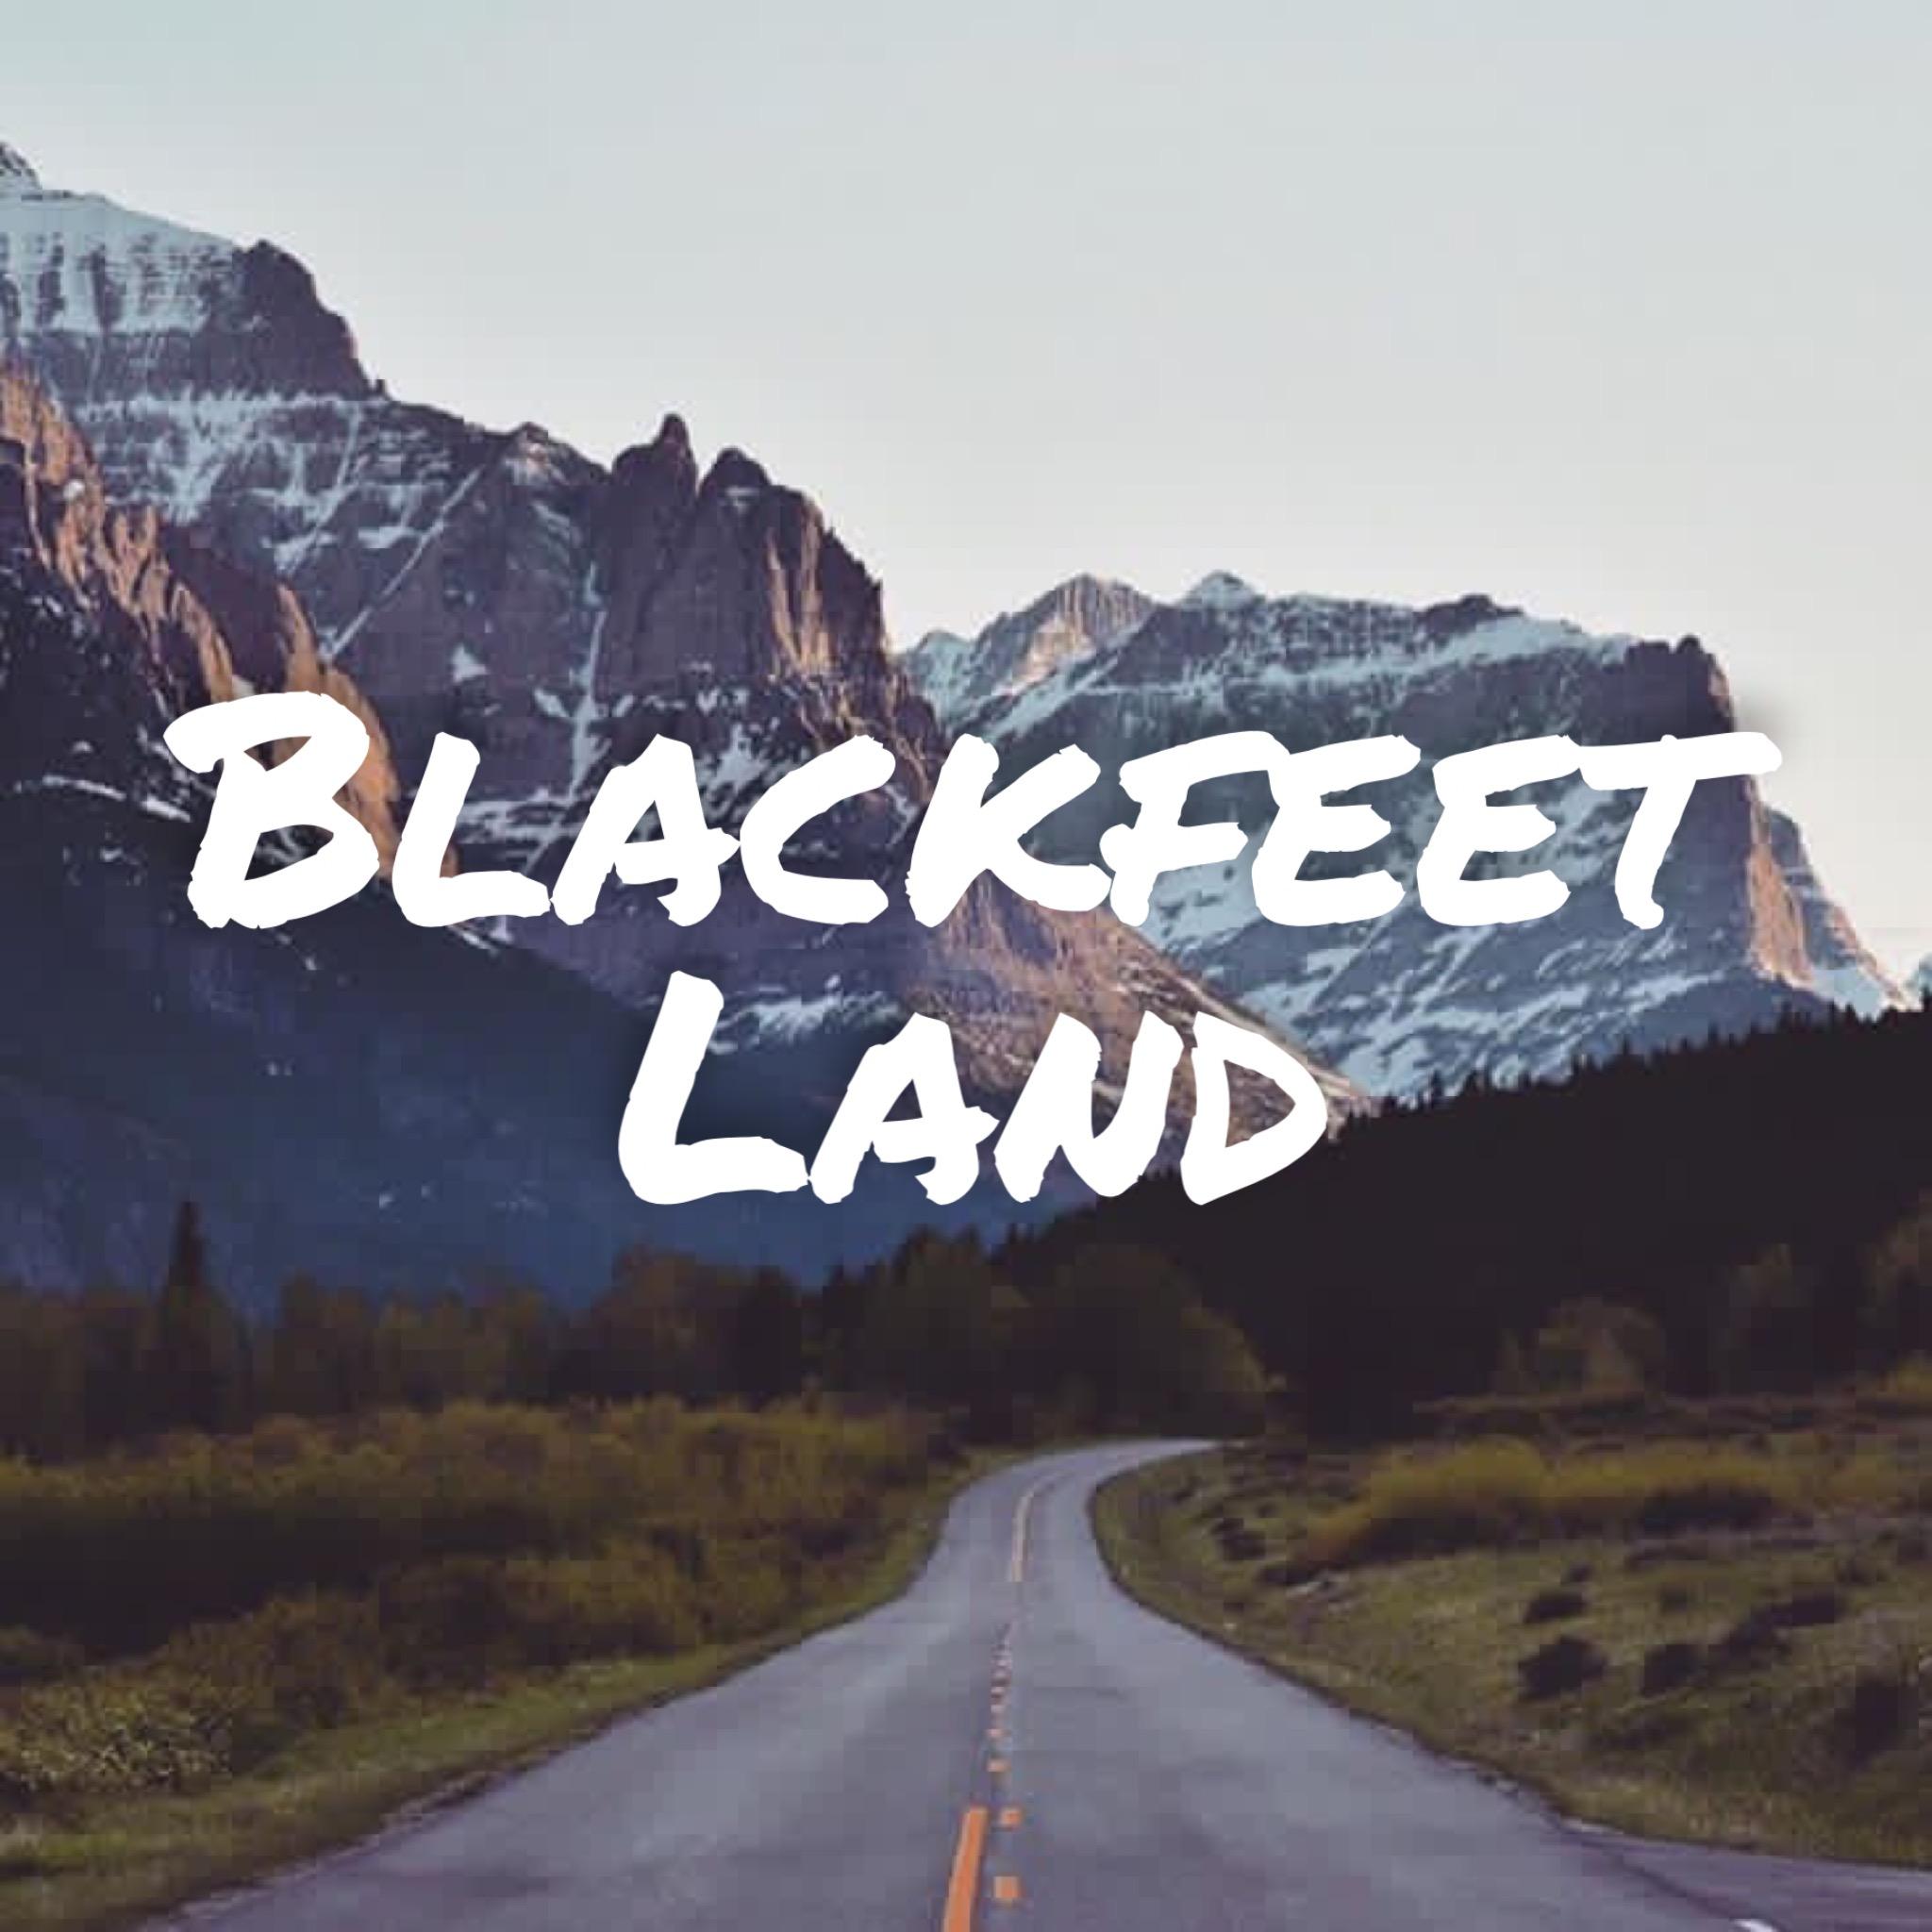 Blackfeet Land